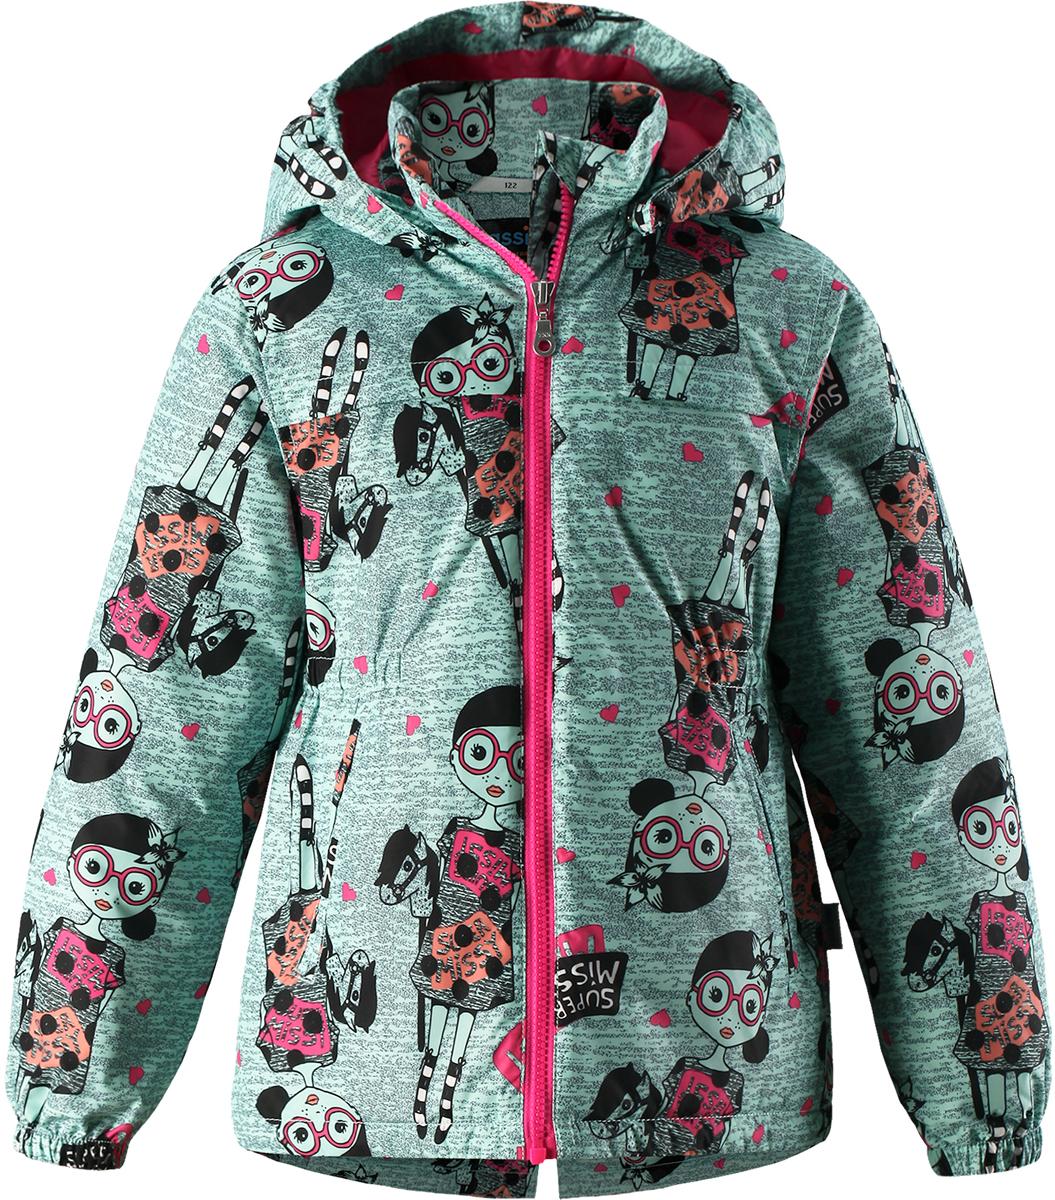 Куртка для девочки Lassie, цвет: зеленый. 721724R8731. Размер 134721724R8731Детская куртка Lassie идеально подойдет для ребенка в холодное время года. Куртка изготовлена из водоотталкивающей и ветрозащитной ткани. Материал отличается высокой устойчивостью к трению, благодаря специальной обработке полиуретаном поверхность изделия отталкивает грязь и воду, что облегчает поддержание аккуратного вида одежды, дышащее покрытие с изнаночной части не раздражает даже самую нежную и чувствительную кожу ребенка, обеспечивая ему наибольший комфорт. Куртка застегивается на пластиковую застежку-молнию с защитой подбородка, благодаря чему ее легко надевать и снимать. Края рукавов дополнены неширокими эластичными манжетами. Спереди куртка дополнена двумя прорезными кармашками. Также модель дополнена светоотражающими элементами для безопасности в темное время суток. Все швы проклеены, не пропускают влагу и ветер.